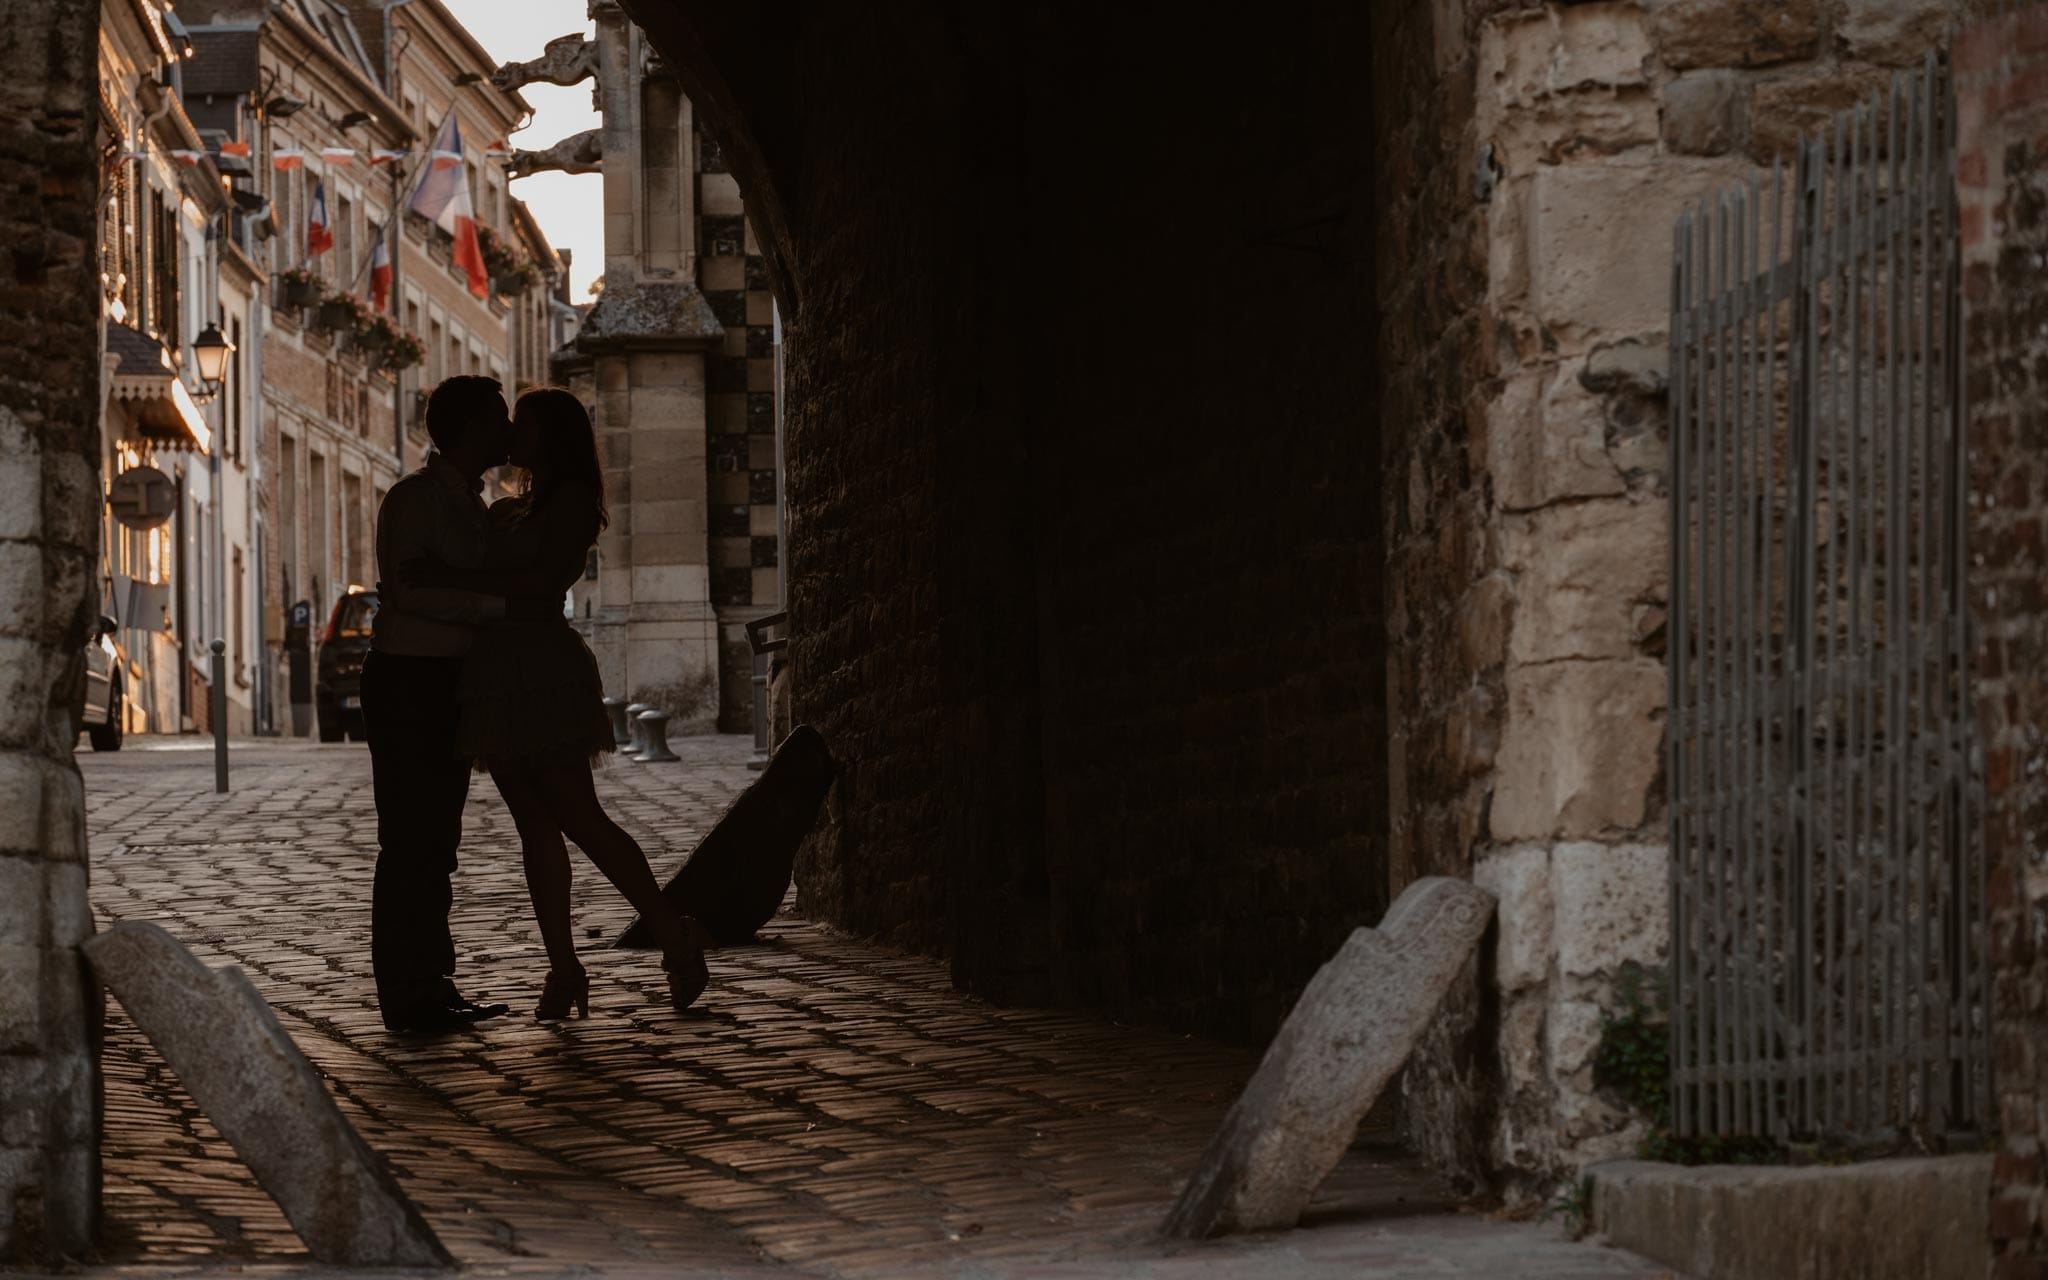 séance photo d'un couple d'amoureux dans les vieilles ruelles pavées de Saint-Valéry-sur-Somme par Geoffrey Arnoldy photographe